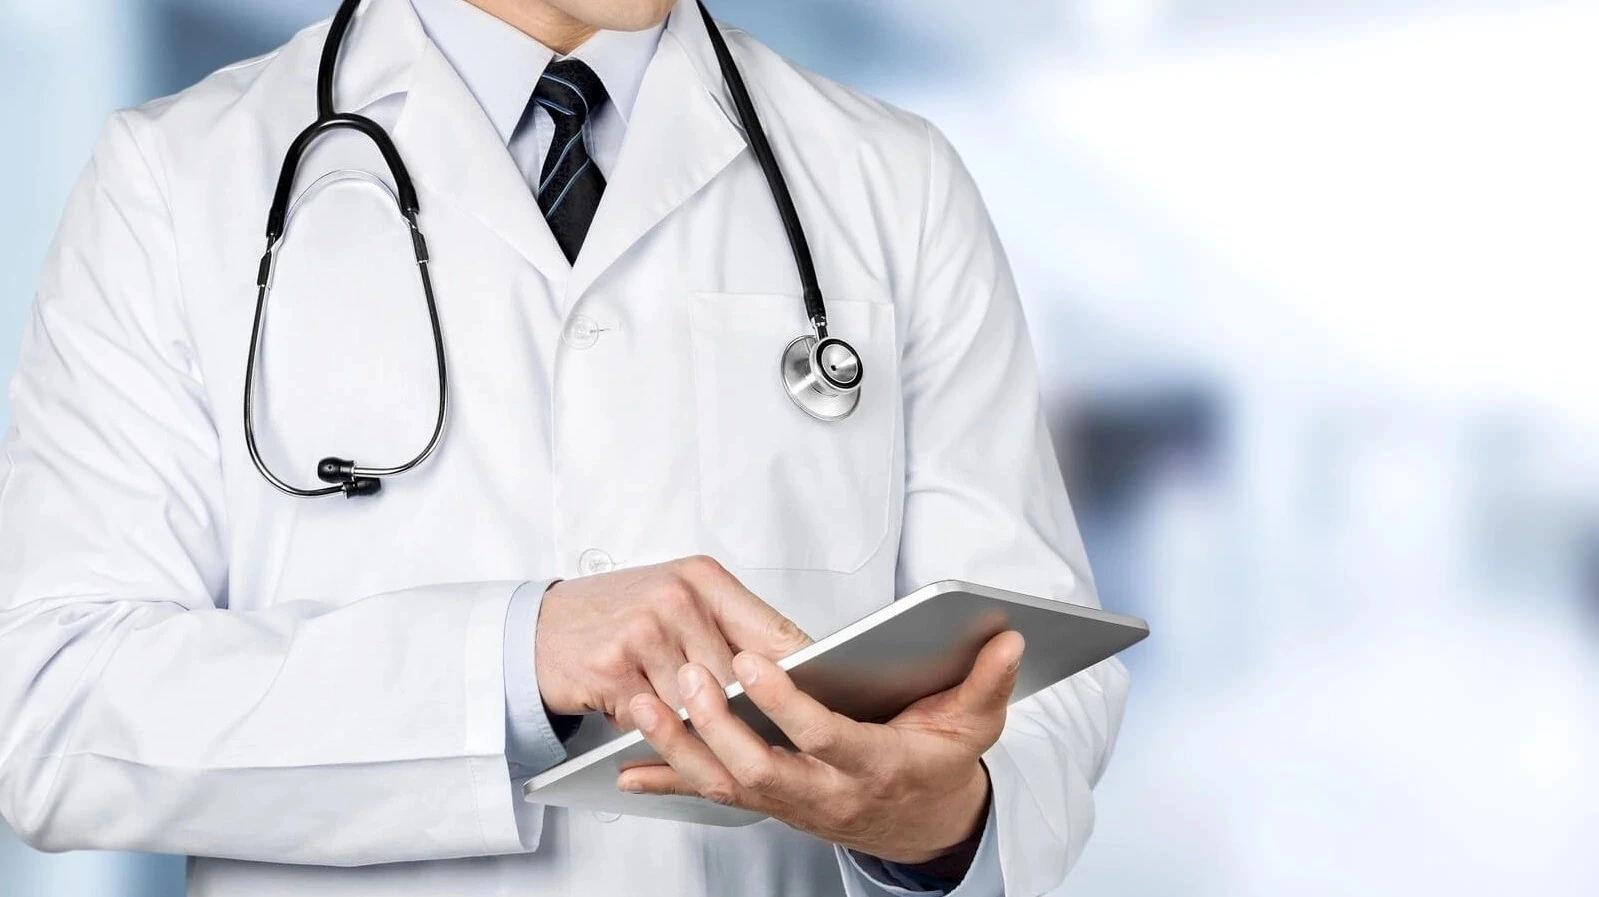 Касым-Жомарт Токаев наградил казахстанских врачей